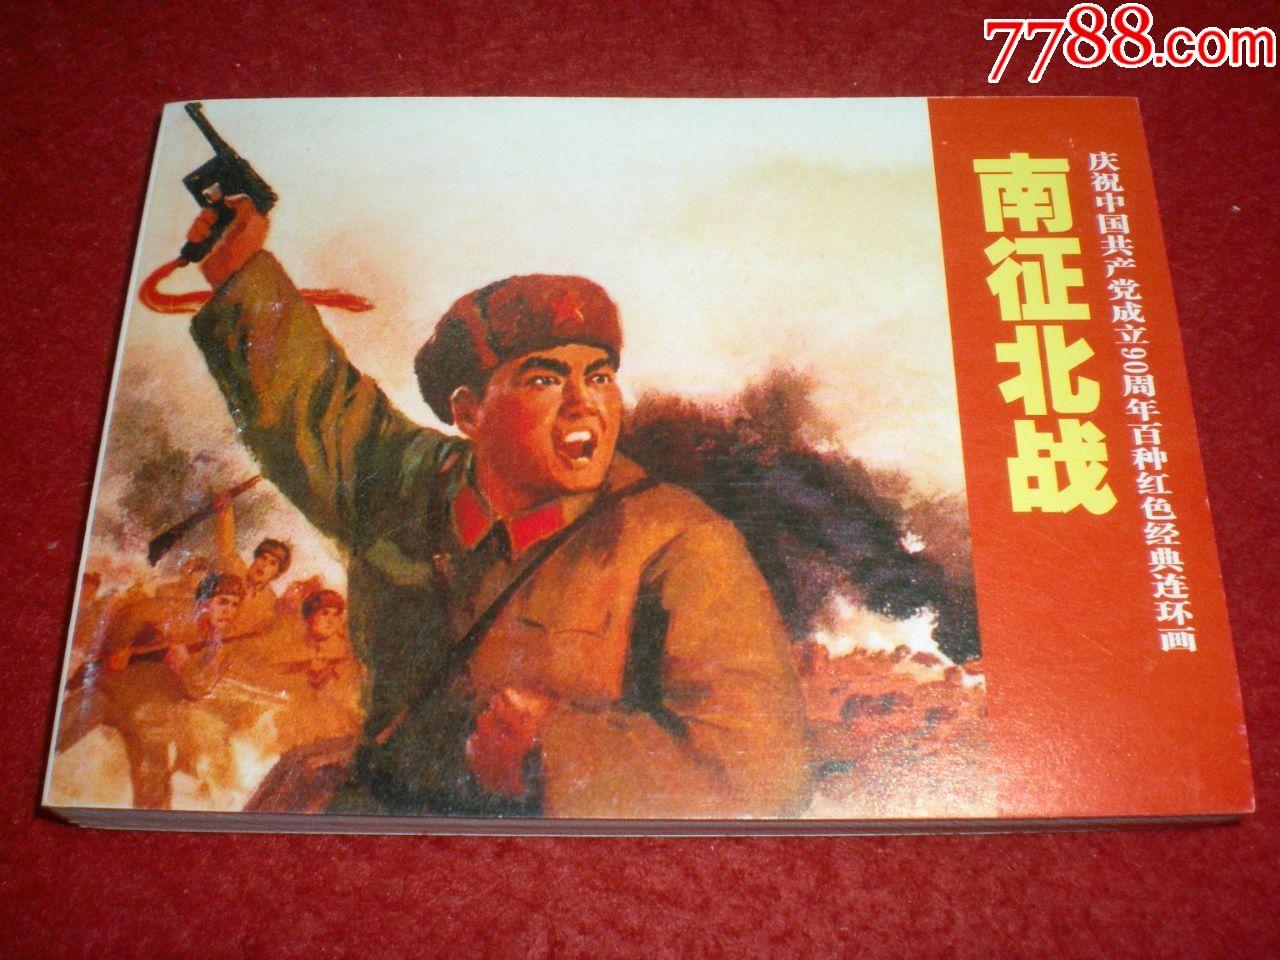 正版,1971年创作,经典连环画《南征北战举报》上海人民美术出版社,一版一印(se68268588)_